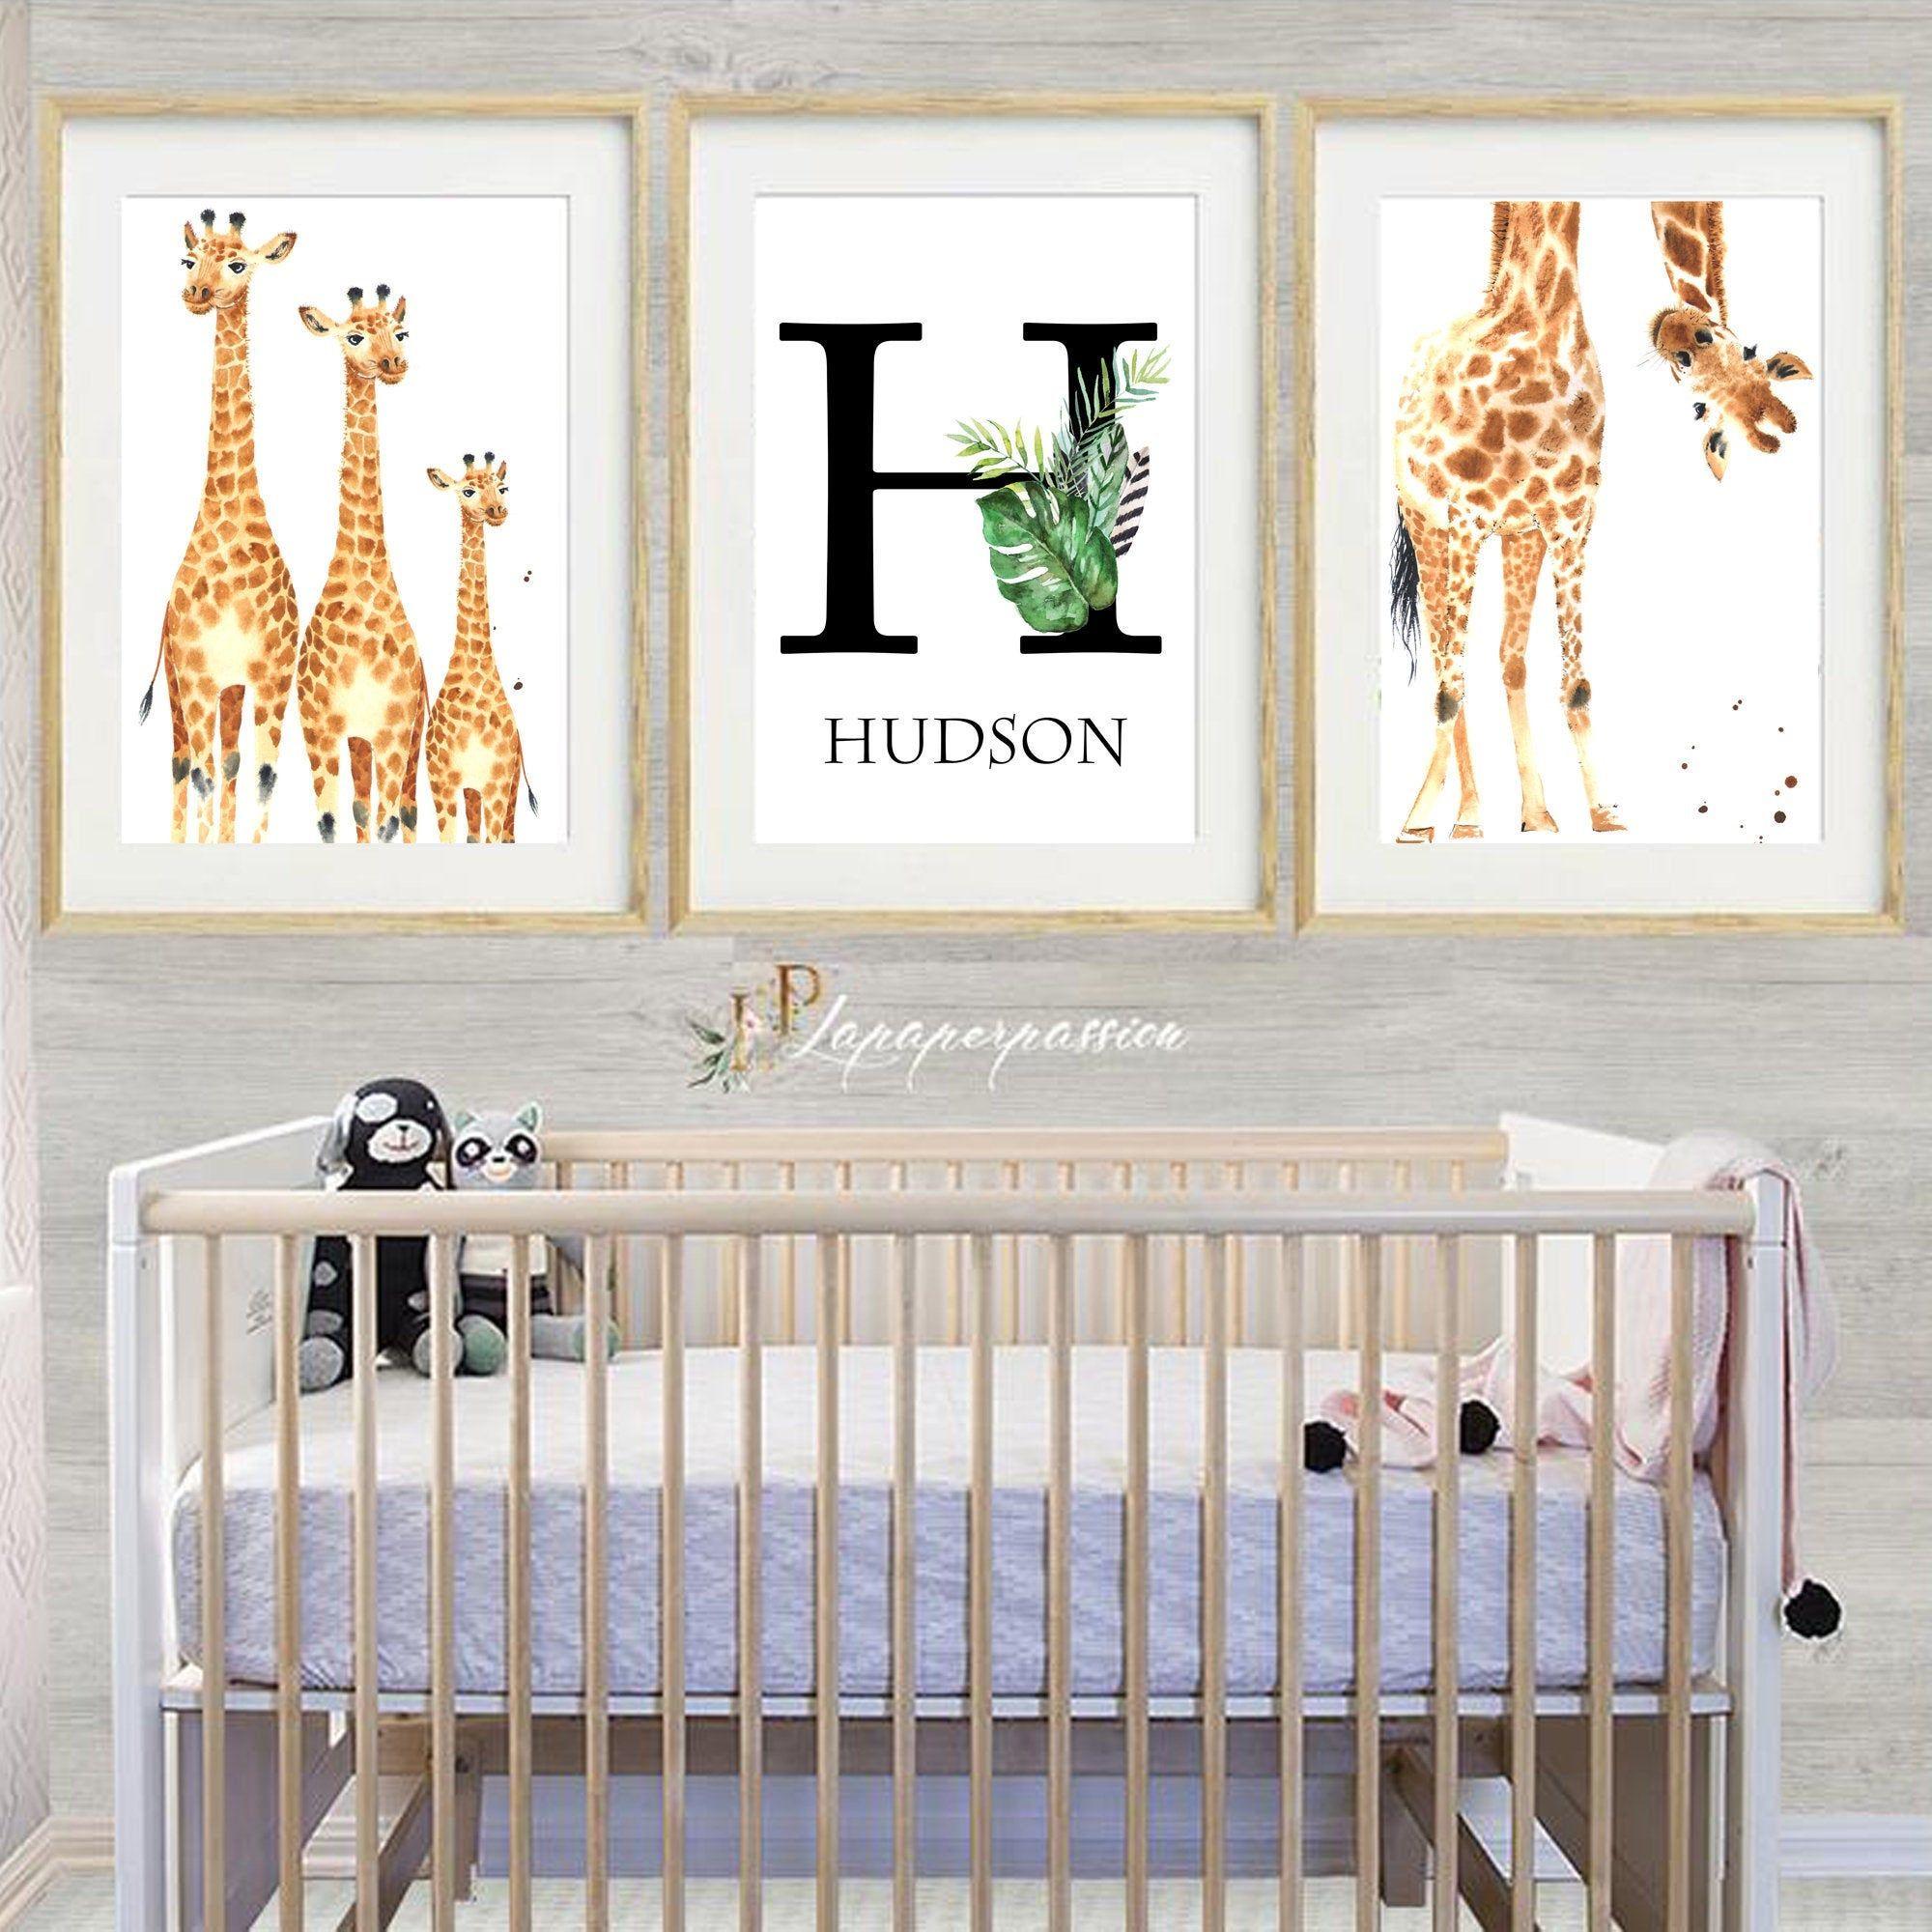 Printed Giraffe Nursery Prints Nursery Wall Art Customised Name Safari Nursery Jungle Nursery Prints Giraffe Nursery Prints Giraffe Nursery Nursery Prints